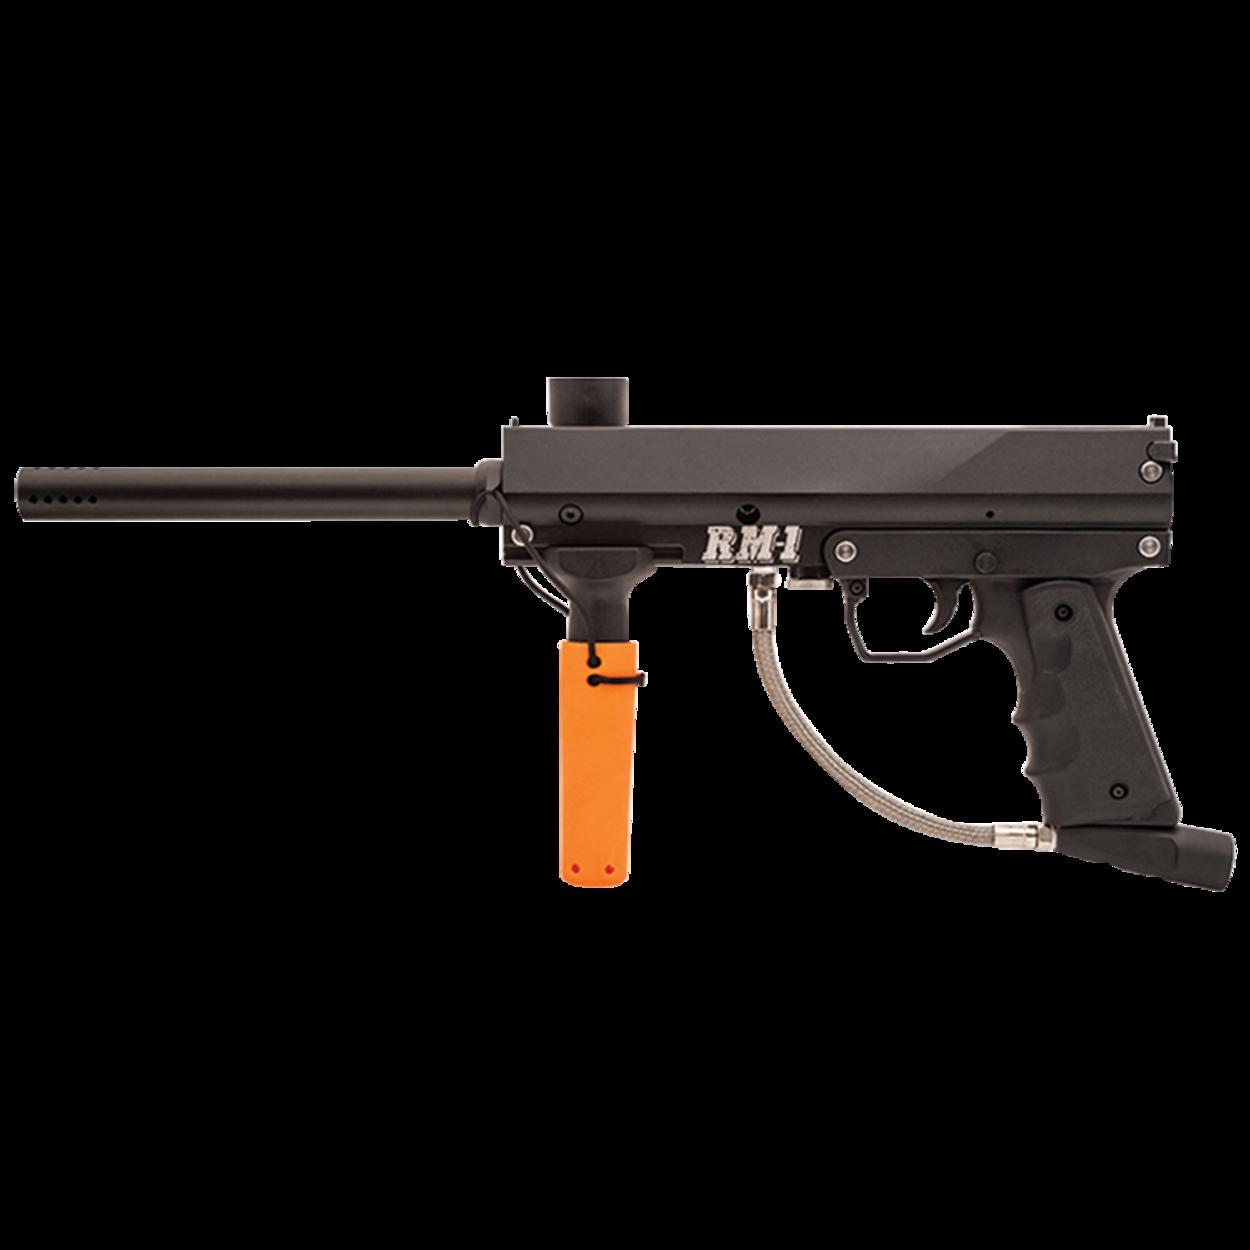 Valken RM-1 Rental Marker Paintball Gun Cal. 68 - BK